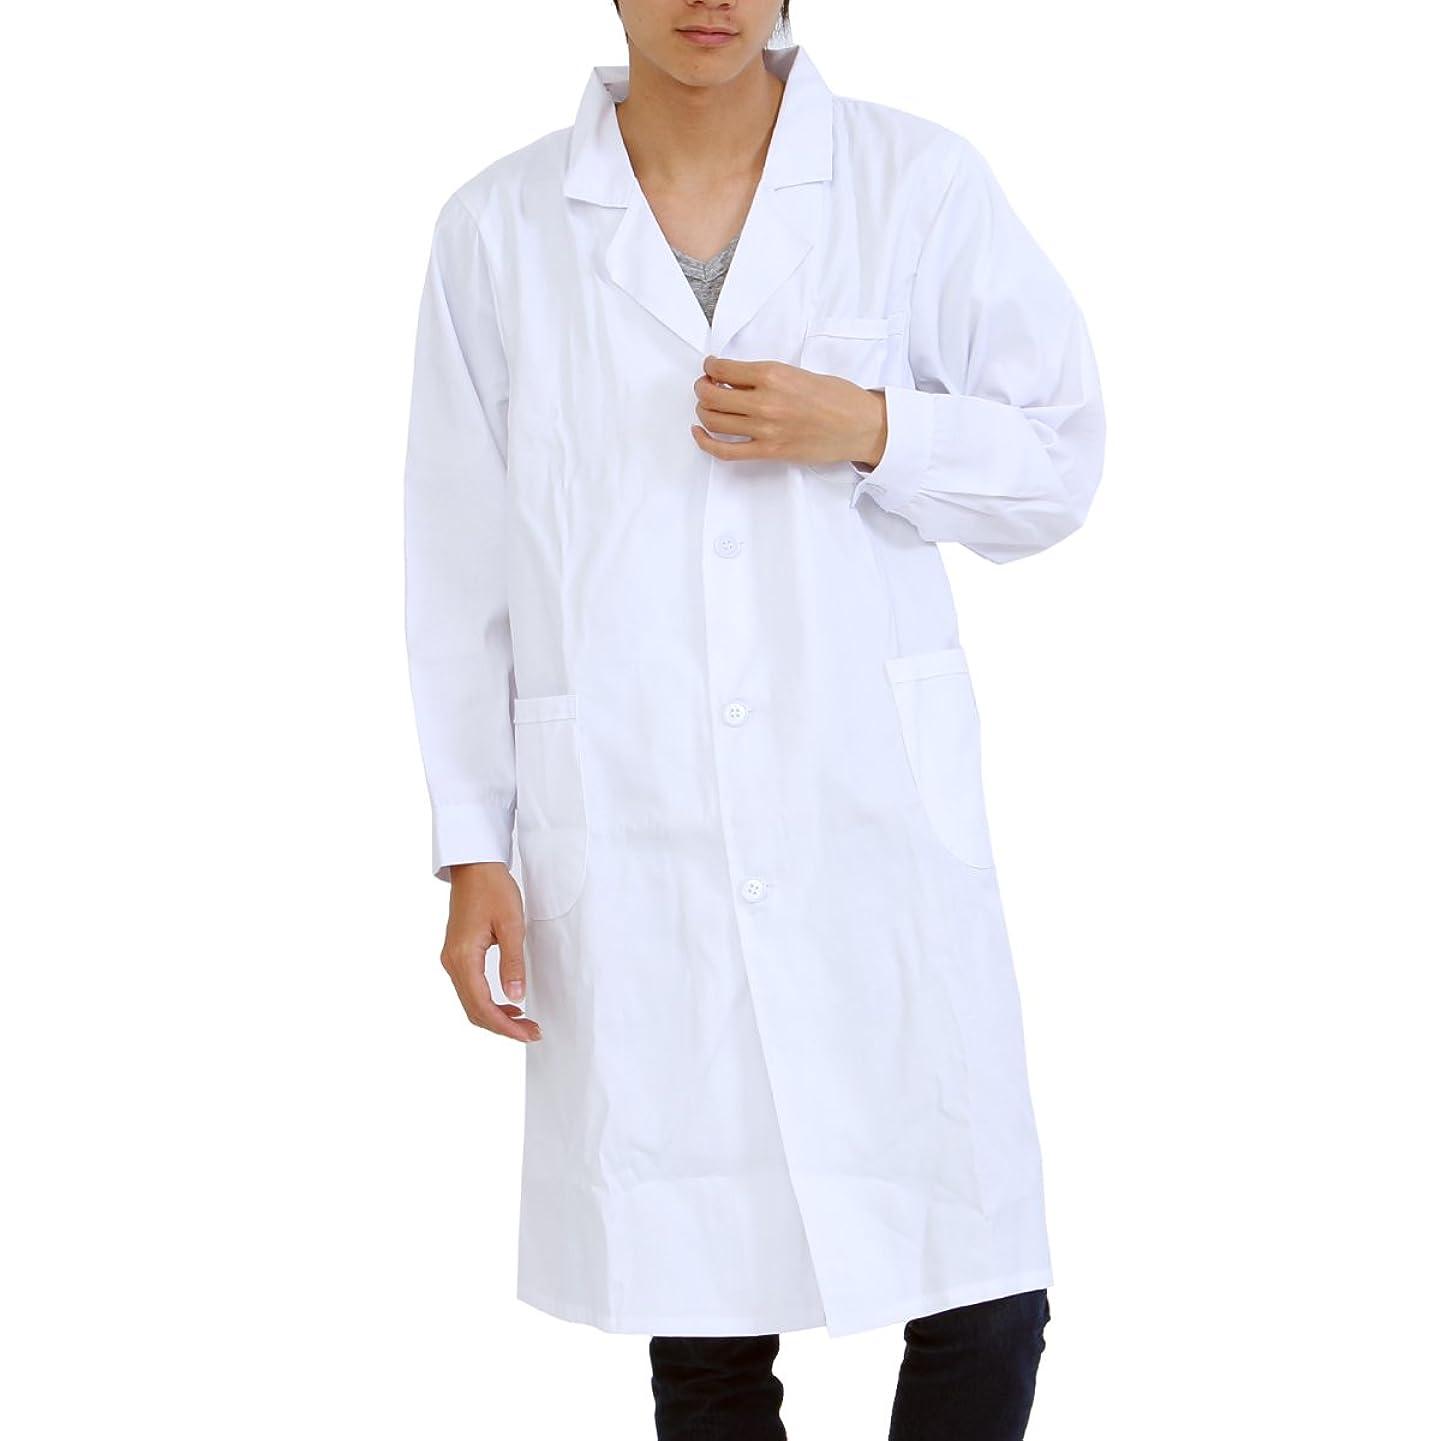 中断慣れる争い(プレジオ) PREGIO 白衣 男性用 M